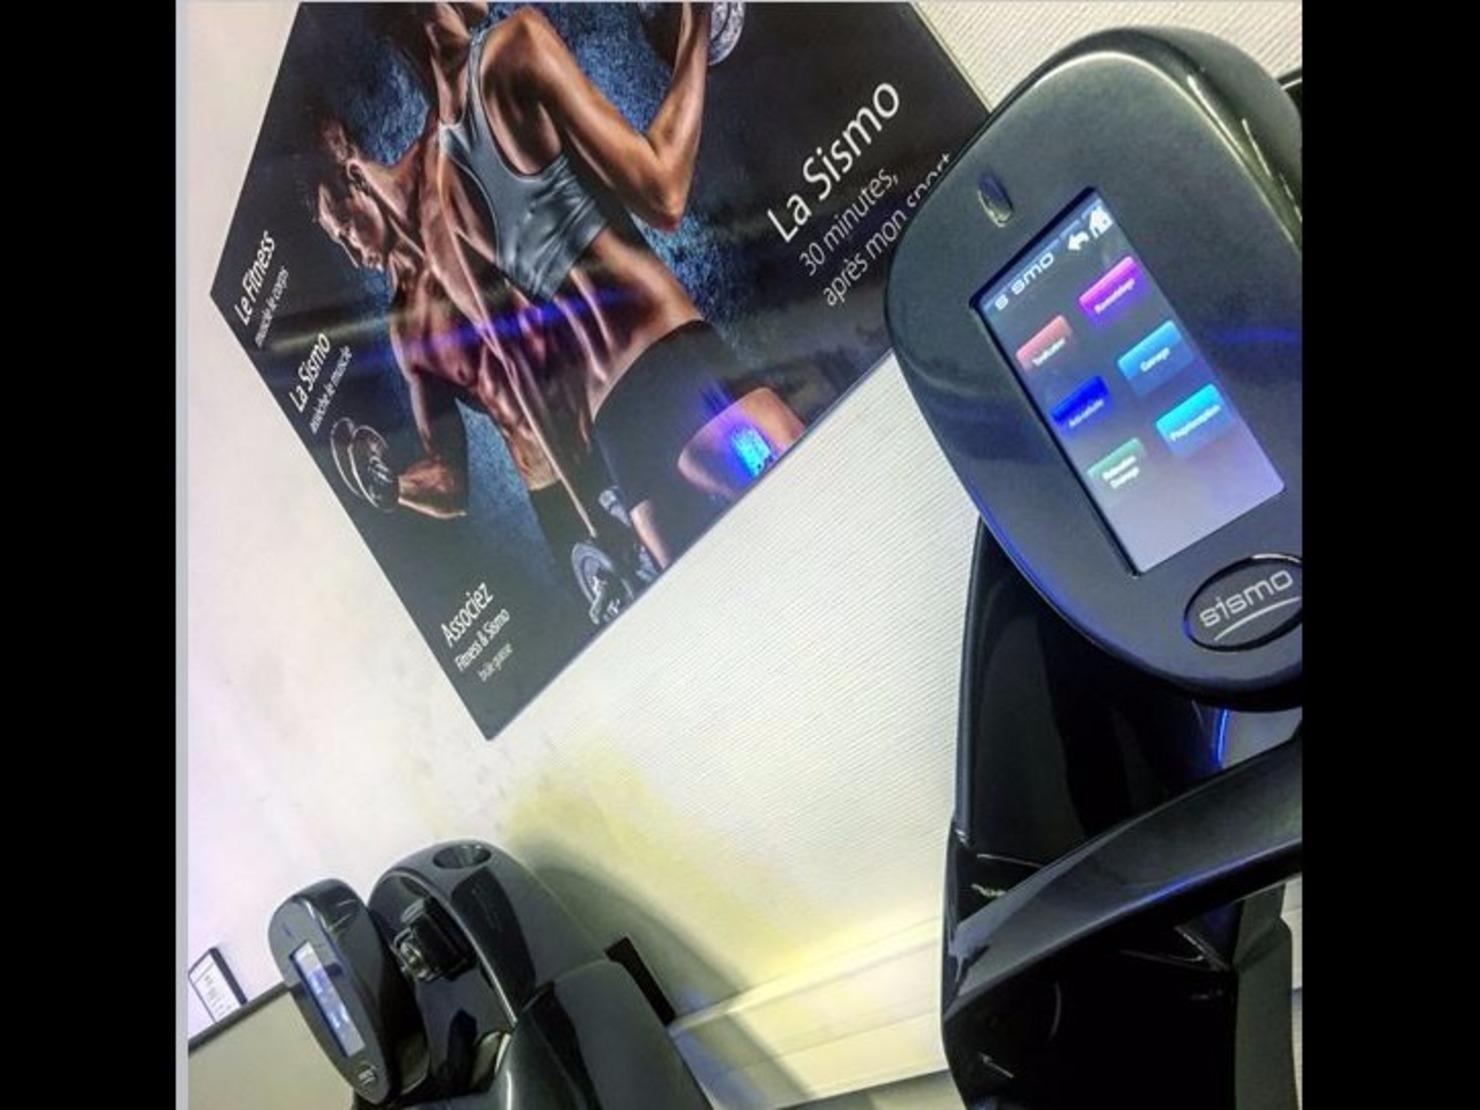 Fitness park beauvais allonne tarifs avis horaires - Boutique orange beauvais ...